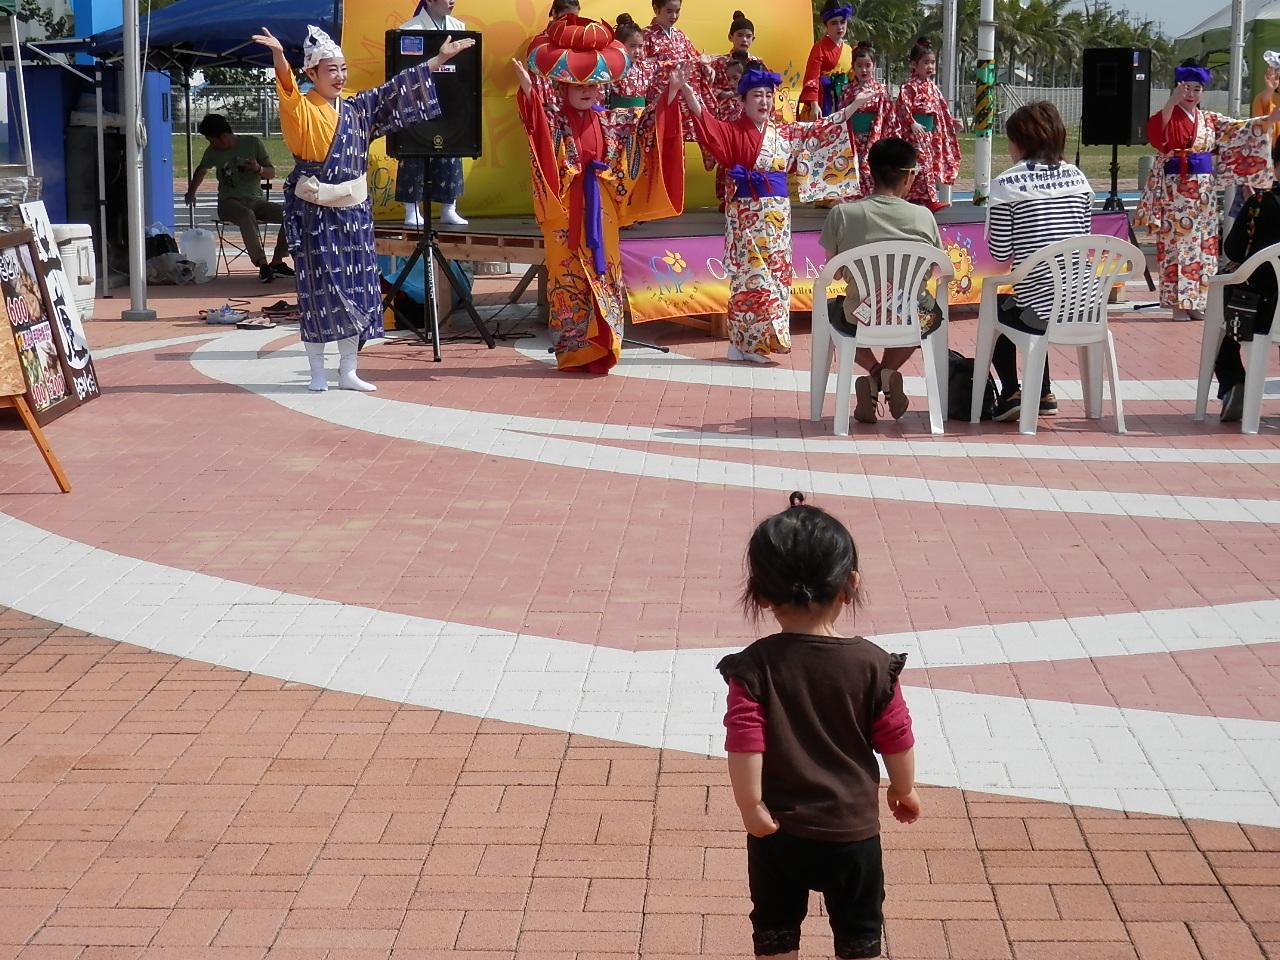 踊っているのを見た子供